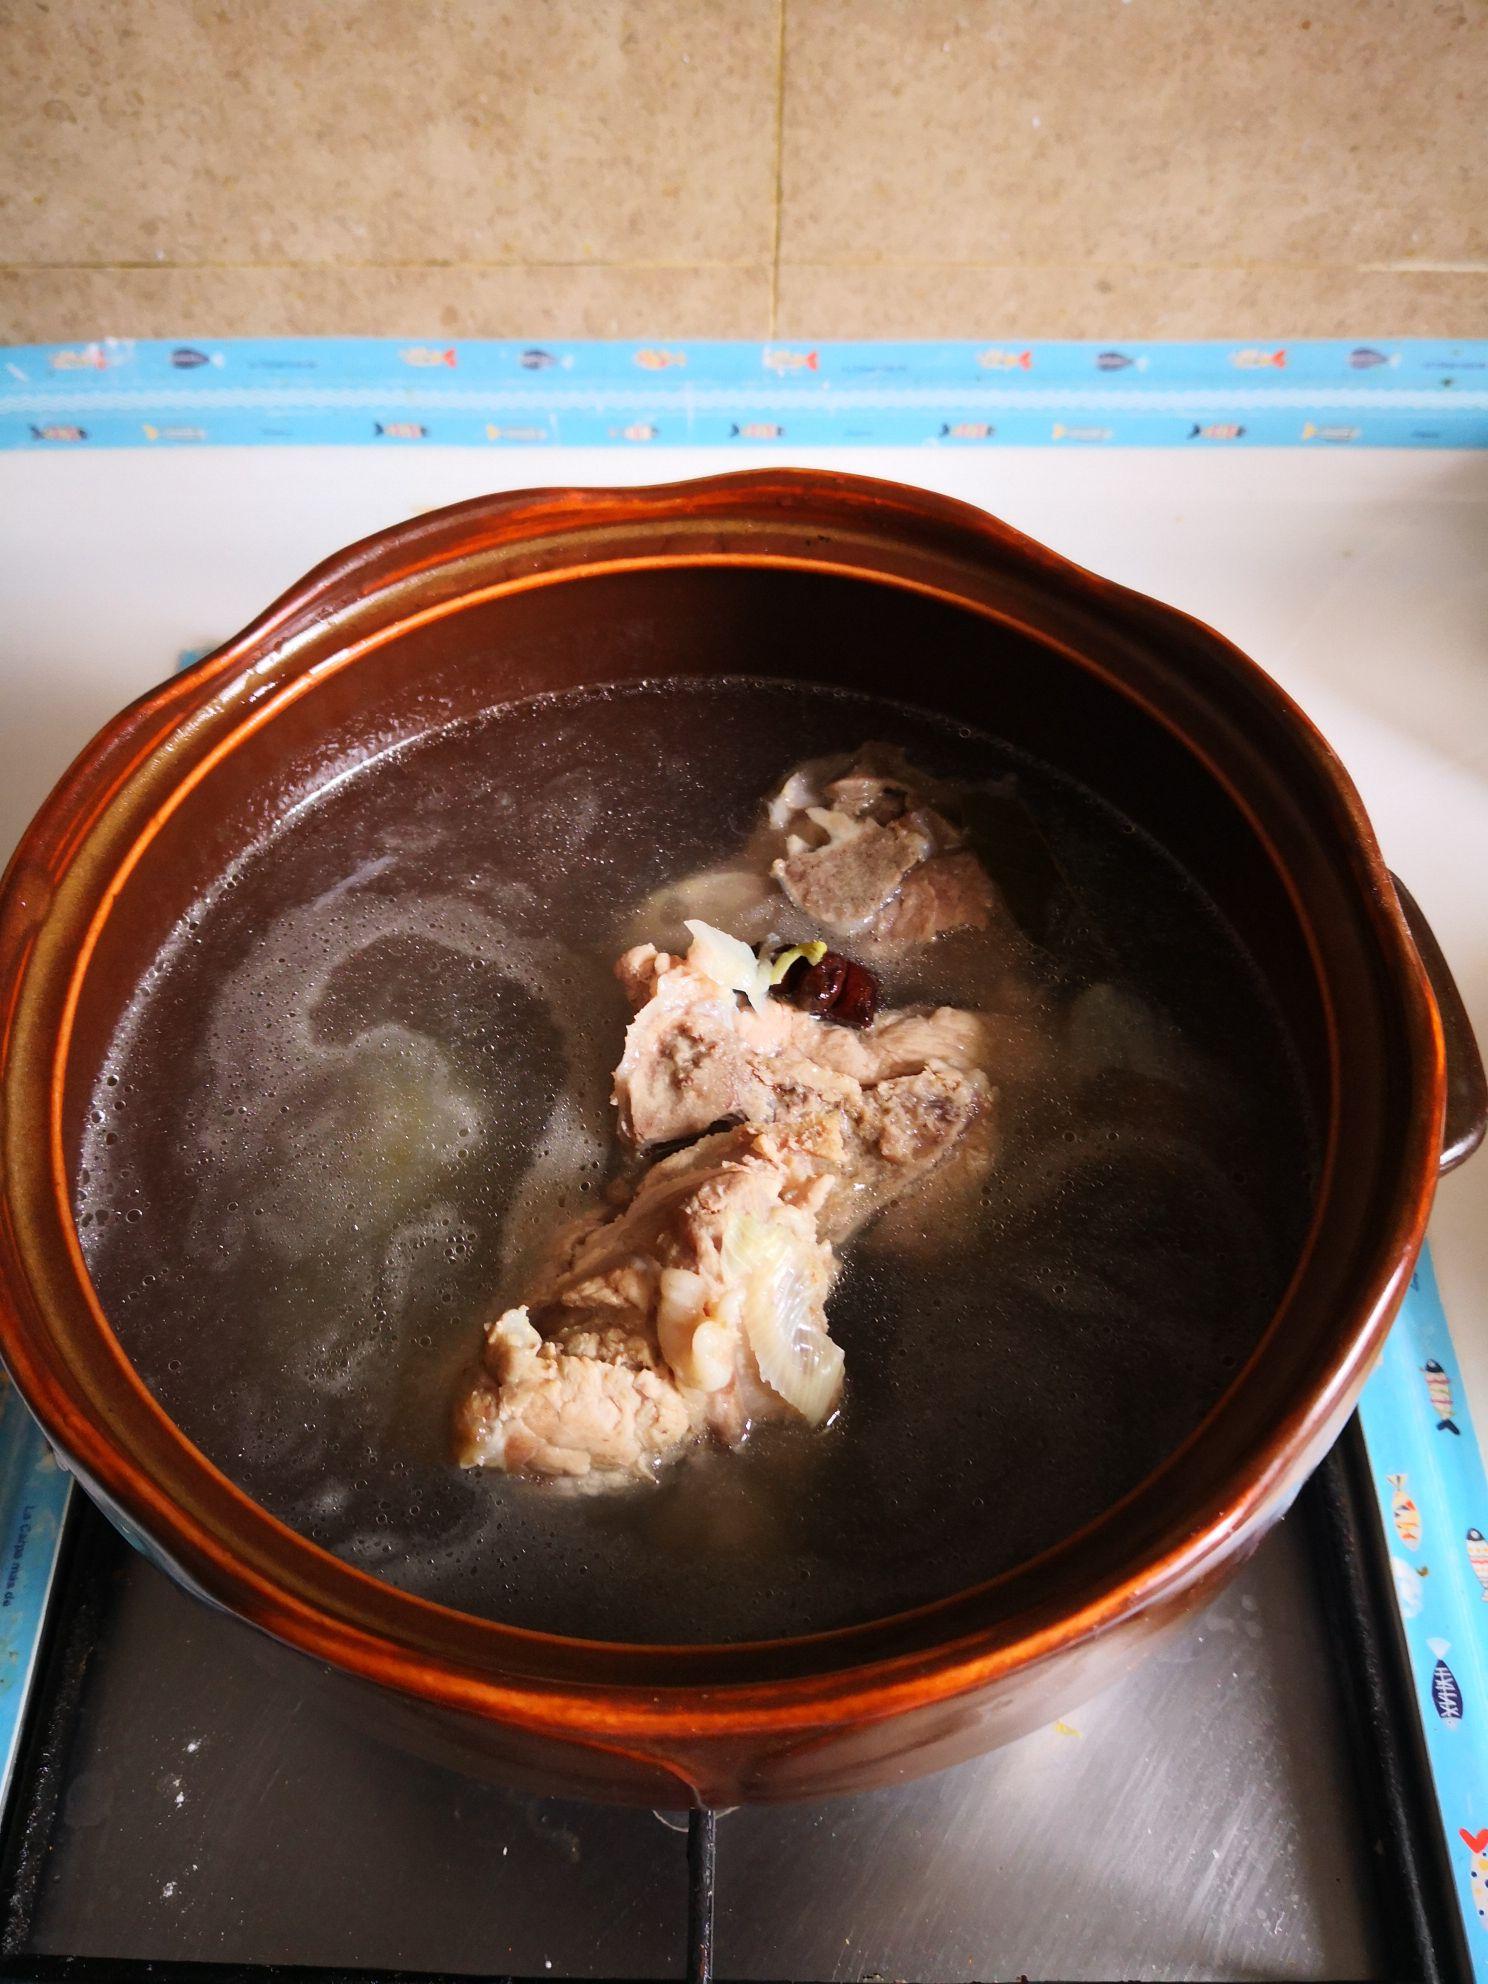 脊骨酸菜汤的家常做法